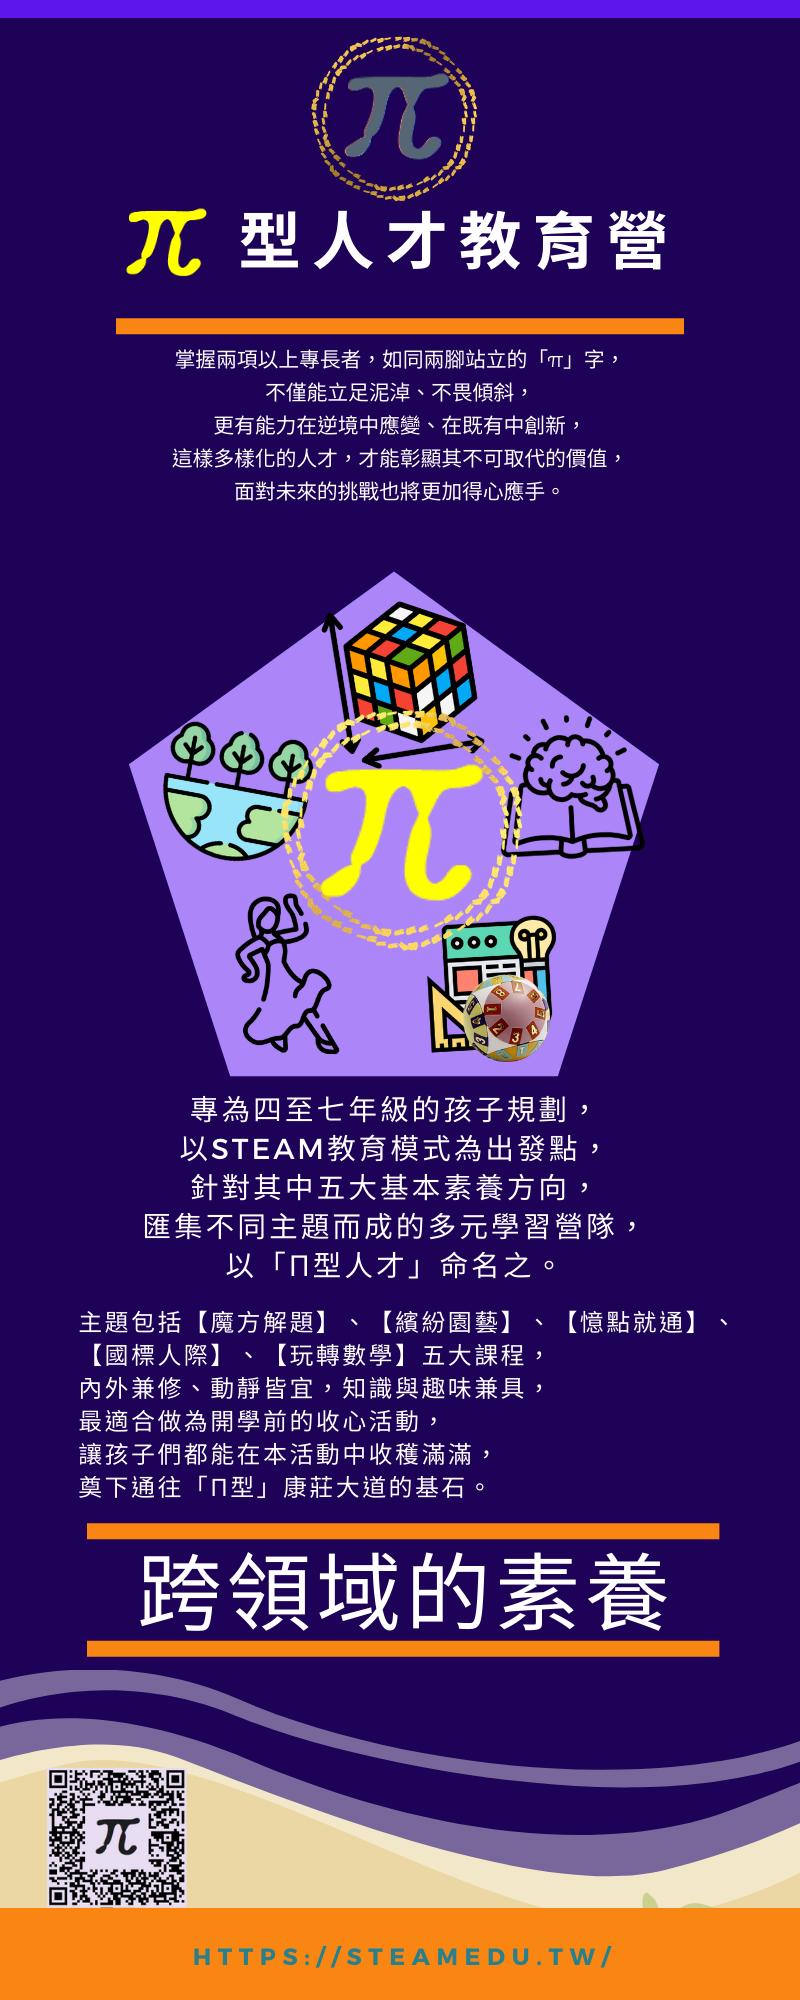 π型人才教育營 (視覺圖)